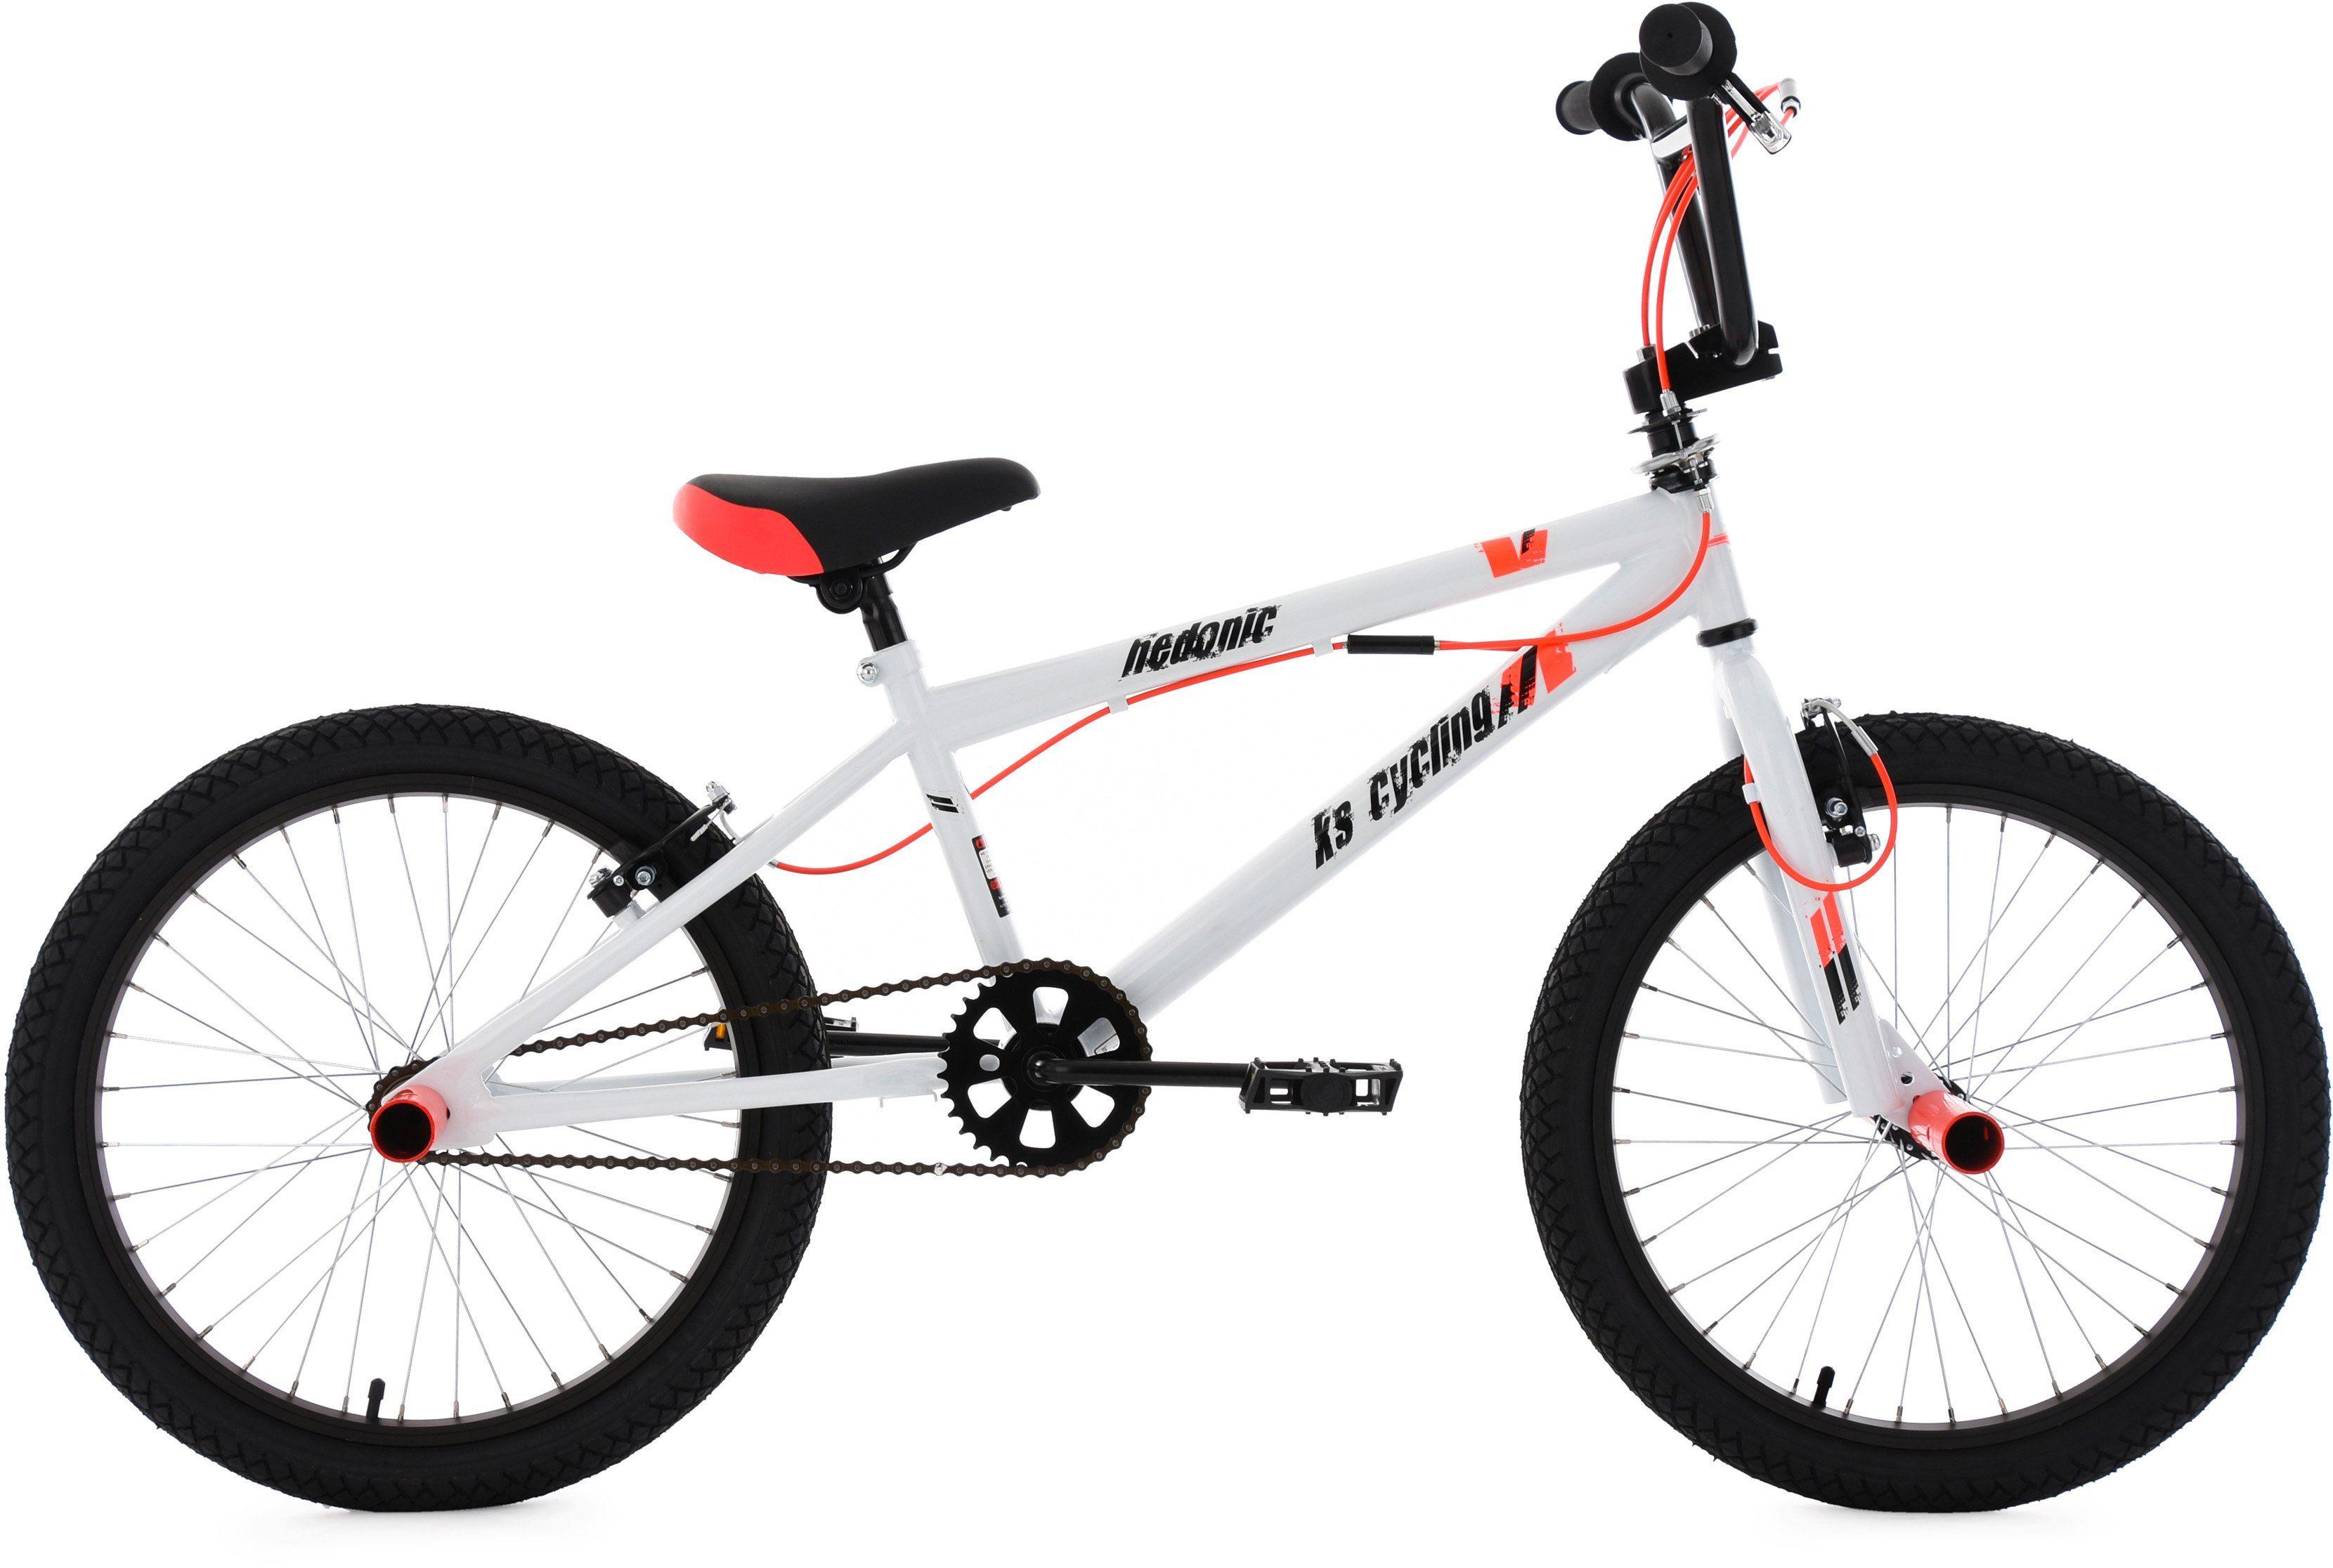 KS Cycling BMX Fahrrad, 20 Zoll, weiß-rot, »Hedonic«